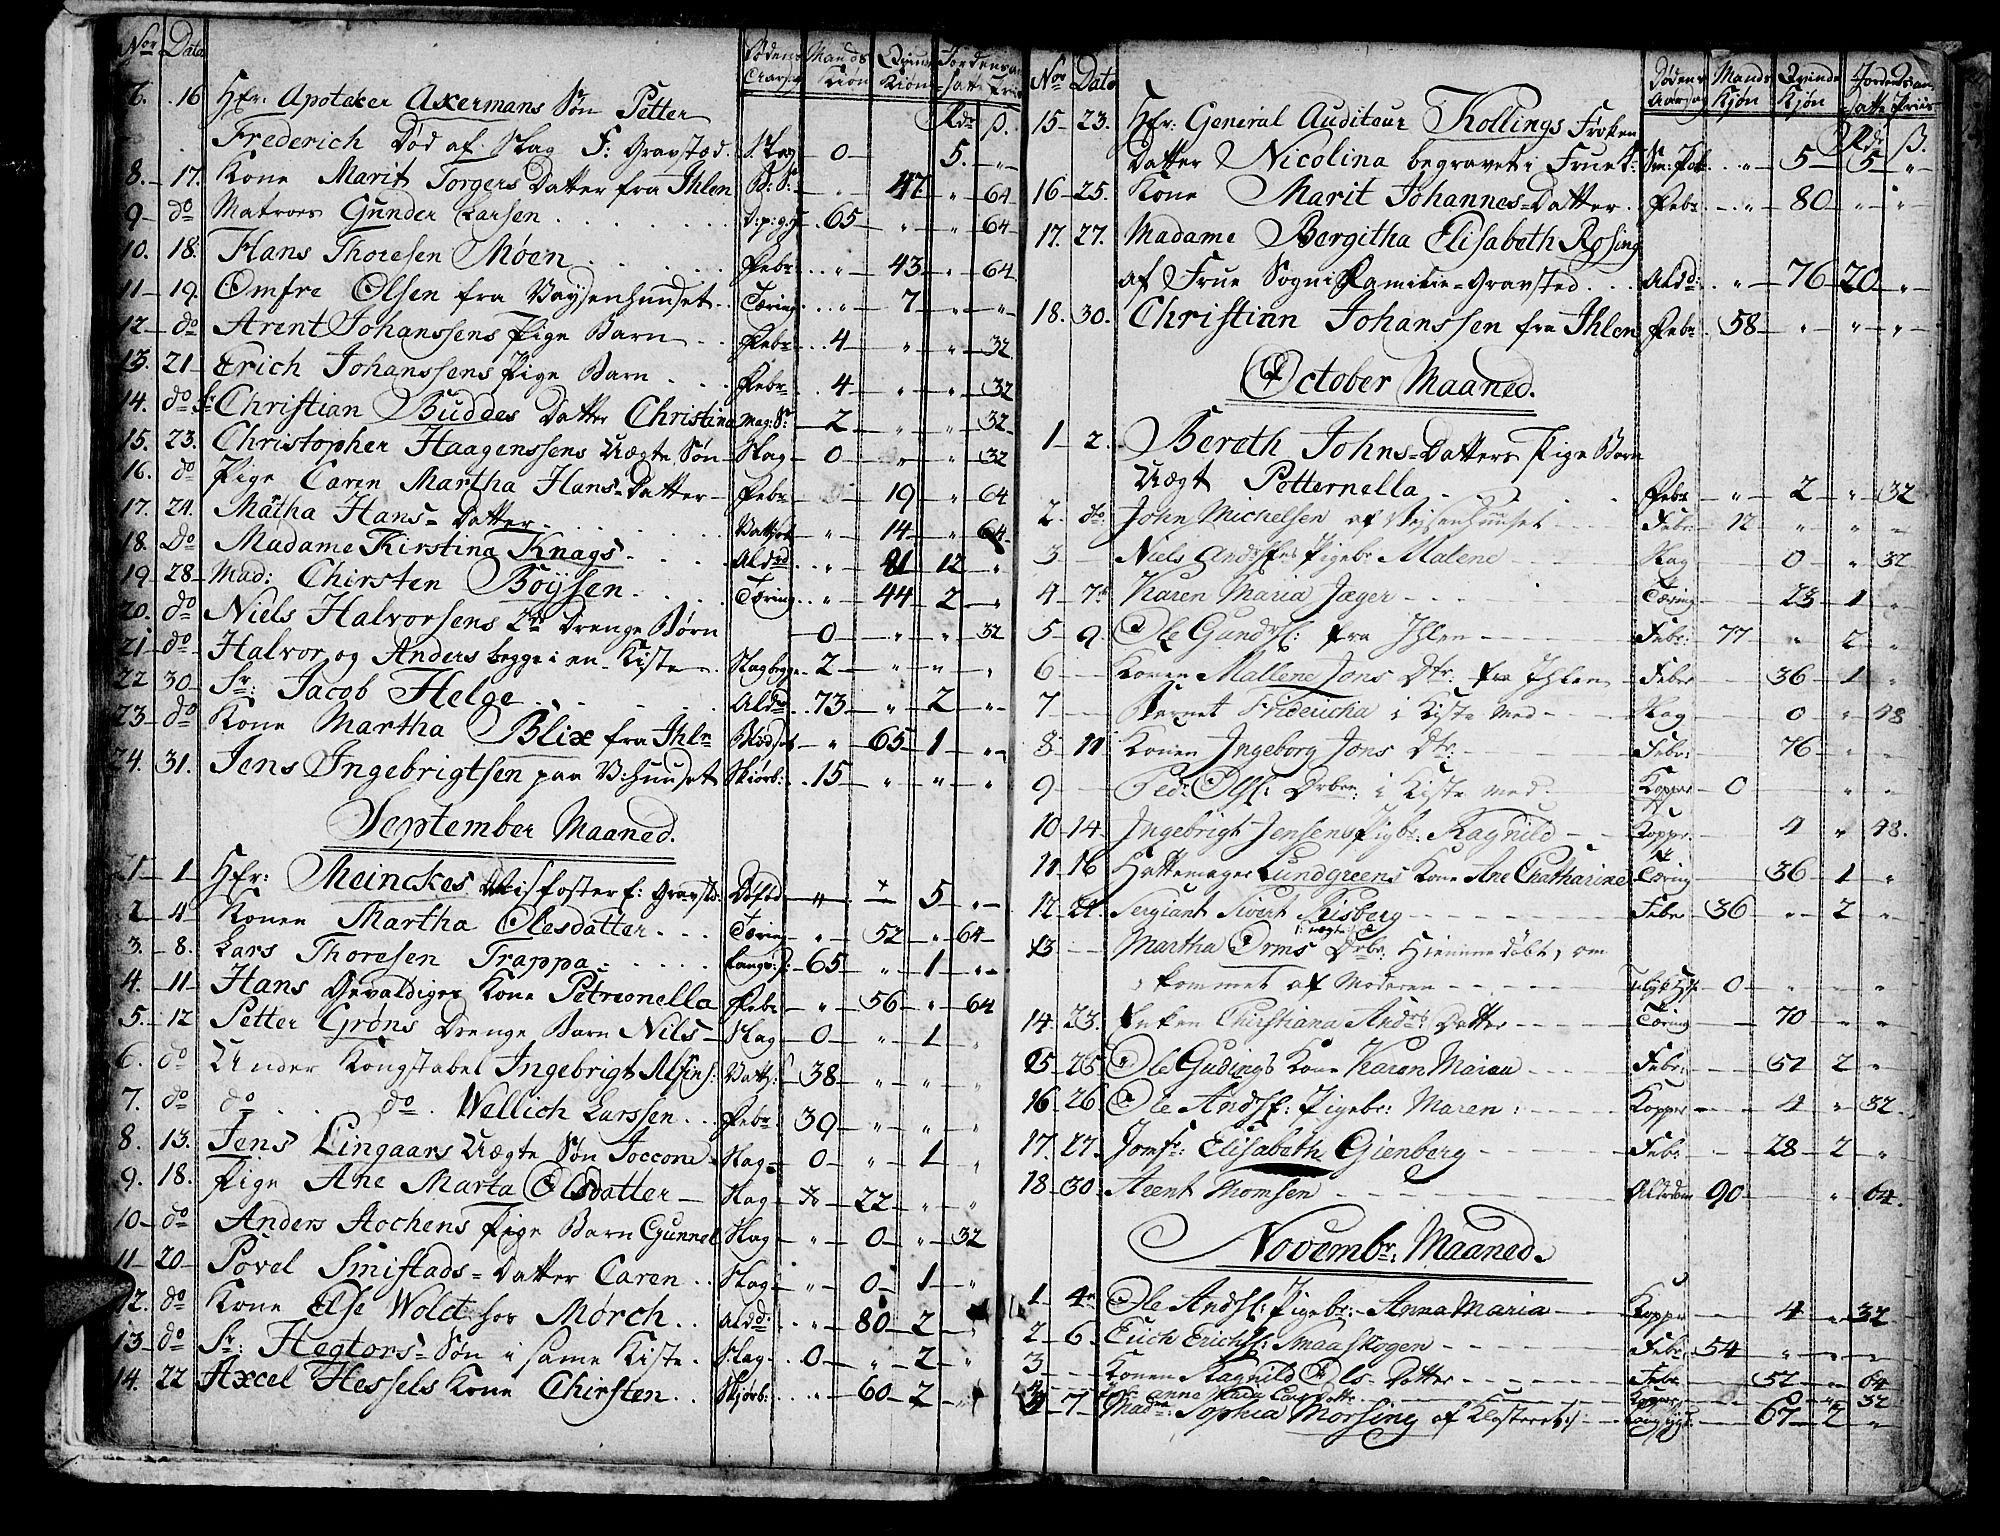 SAT, Ministerialprotokoller, klokkerbøker og fødselsregistre - Sør-Trøndelag, 601/L0040: Ministerialbok nr. 601A08, 1783-1818, s. 9